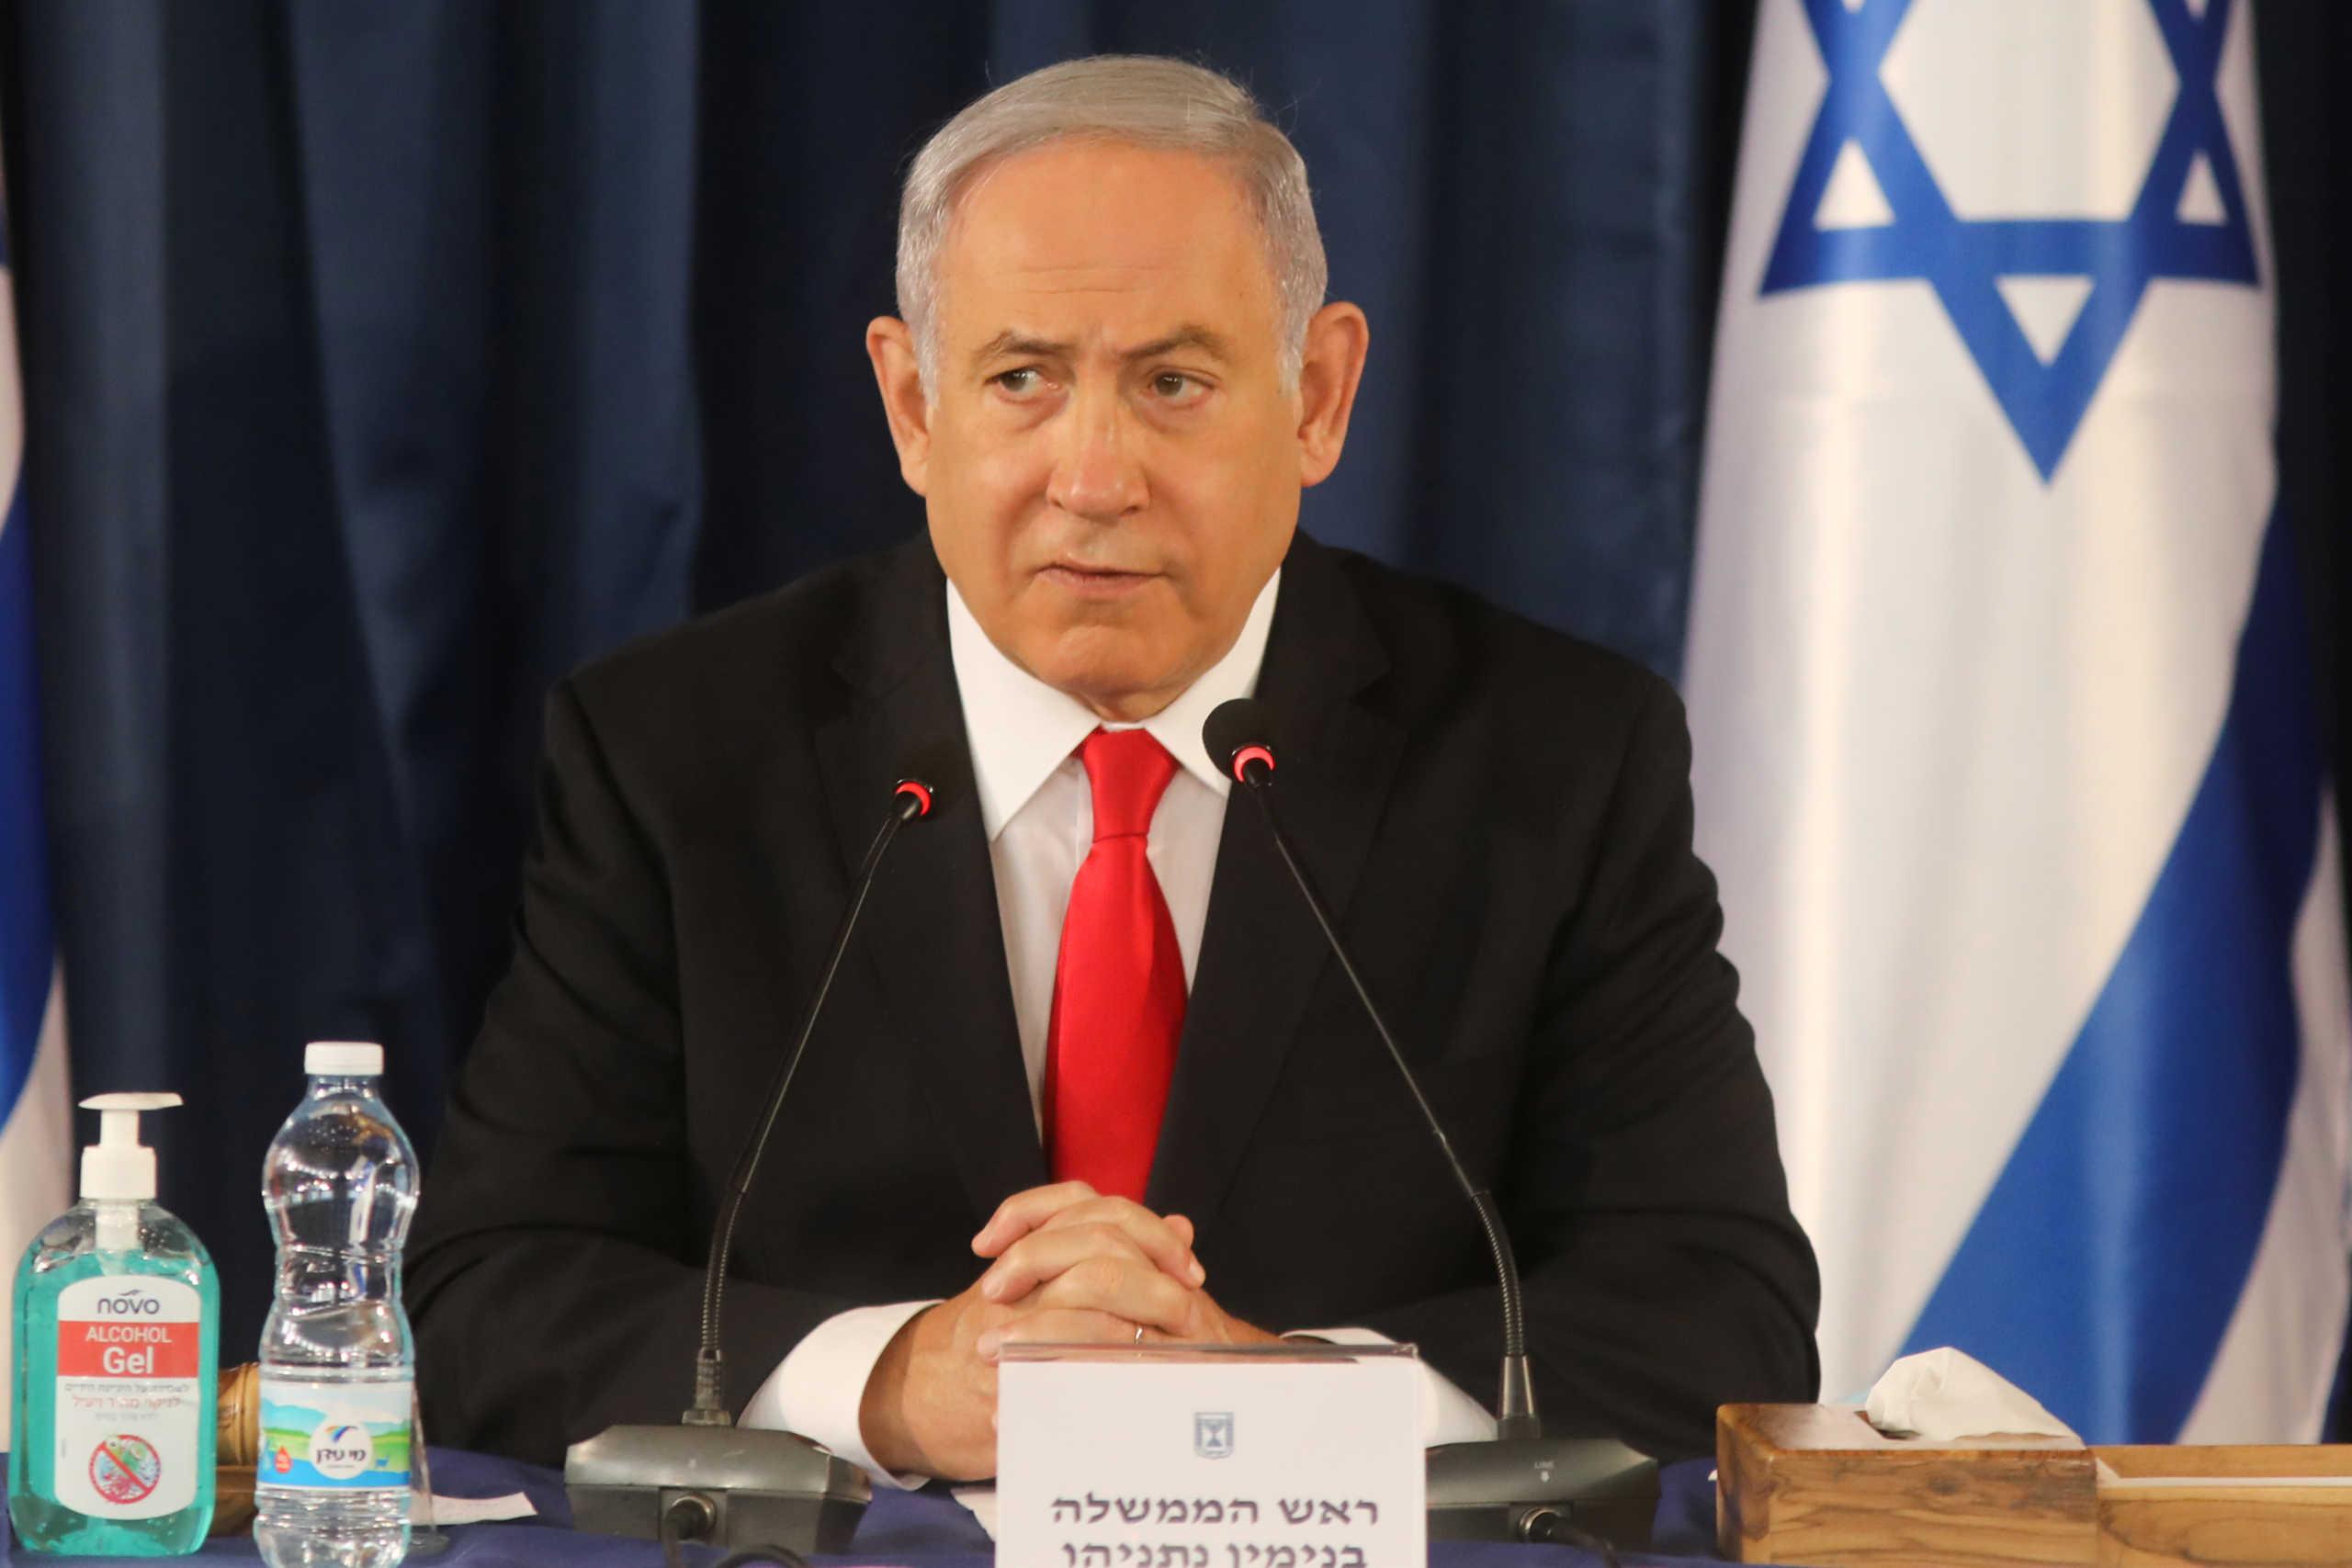 Ισραήλ: Νέοι μπελάδες για Νετανιάχου – Ελέγχονται συνεργάτες του για διαφθορά